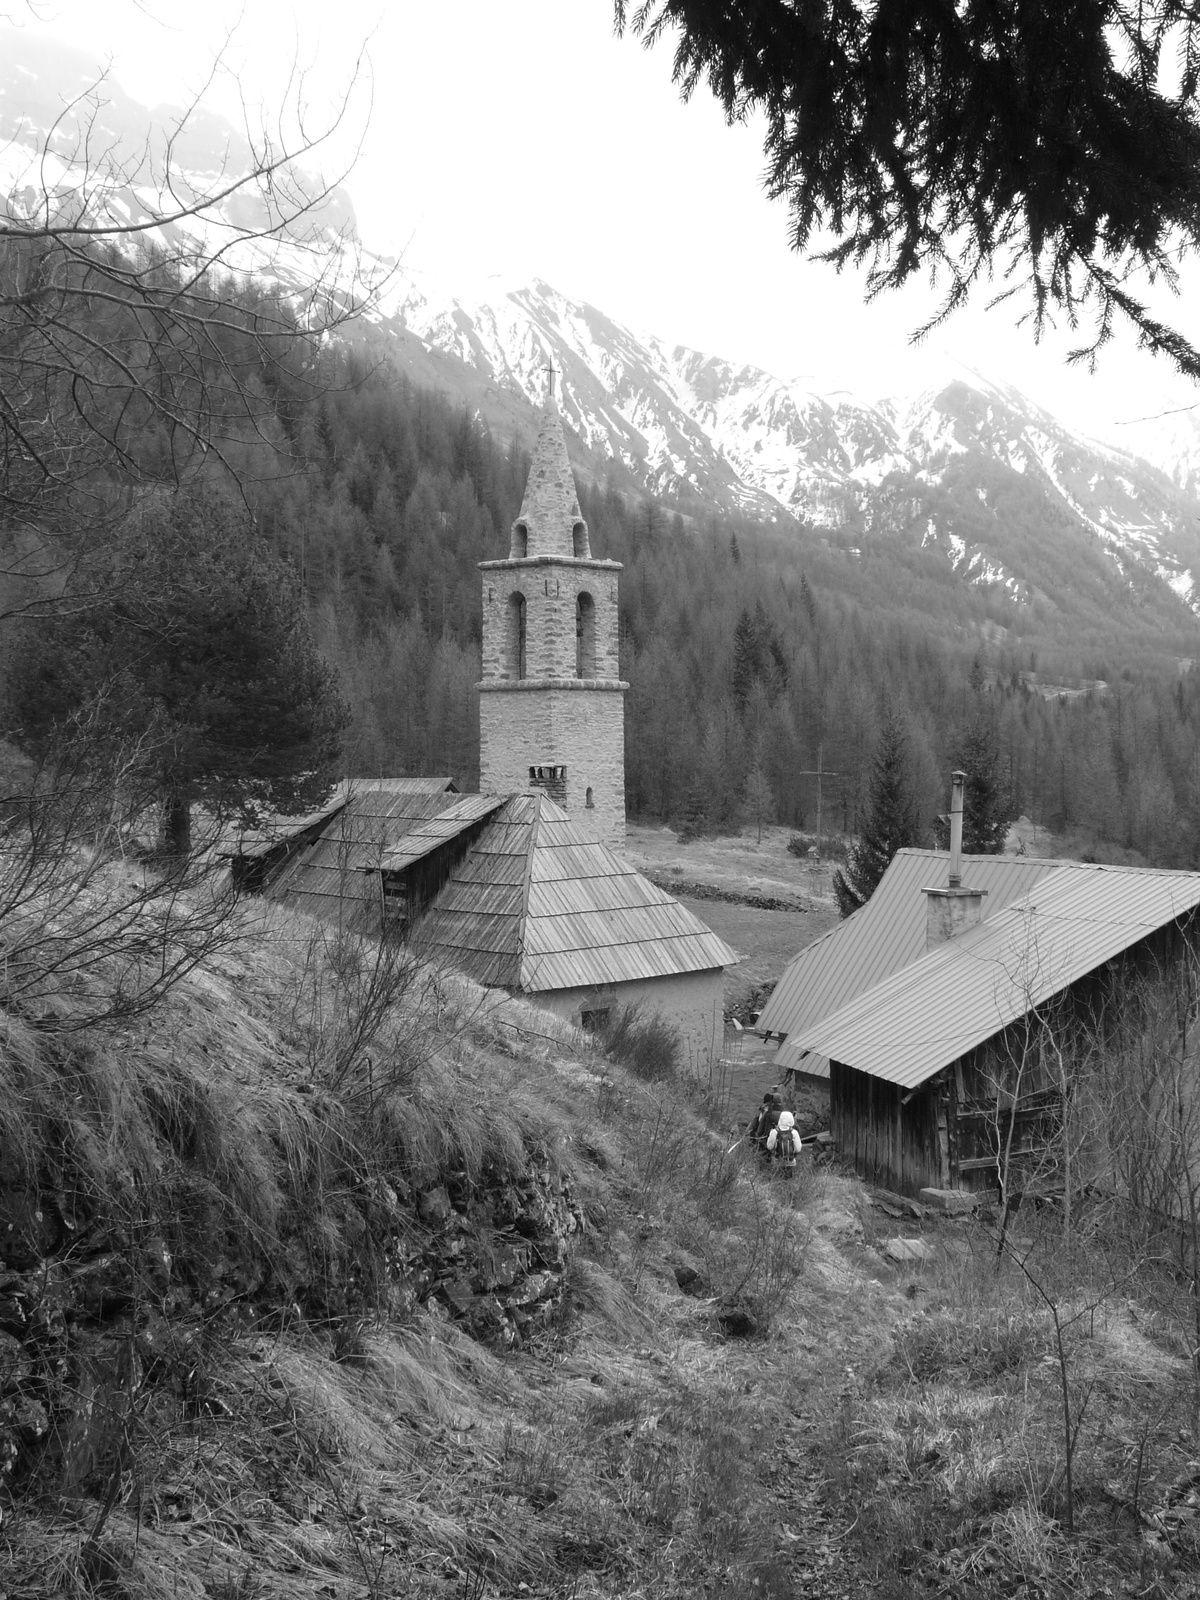 Vallon de la Blanche de Laverq